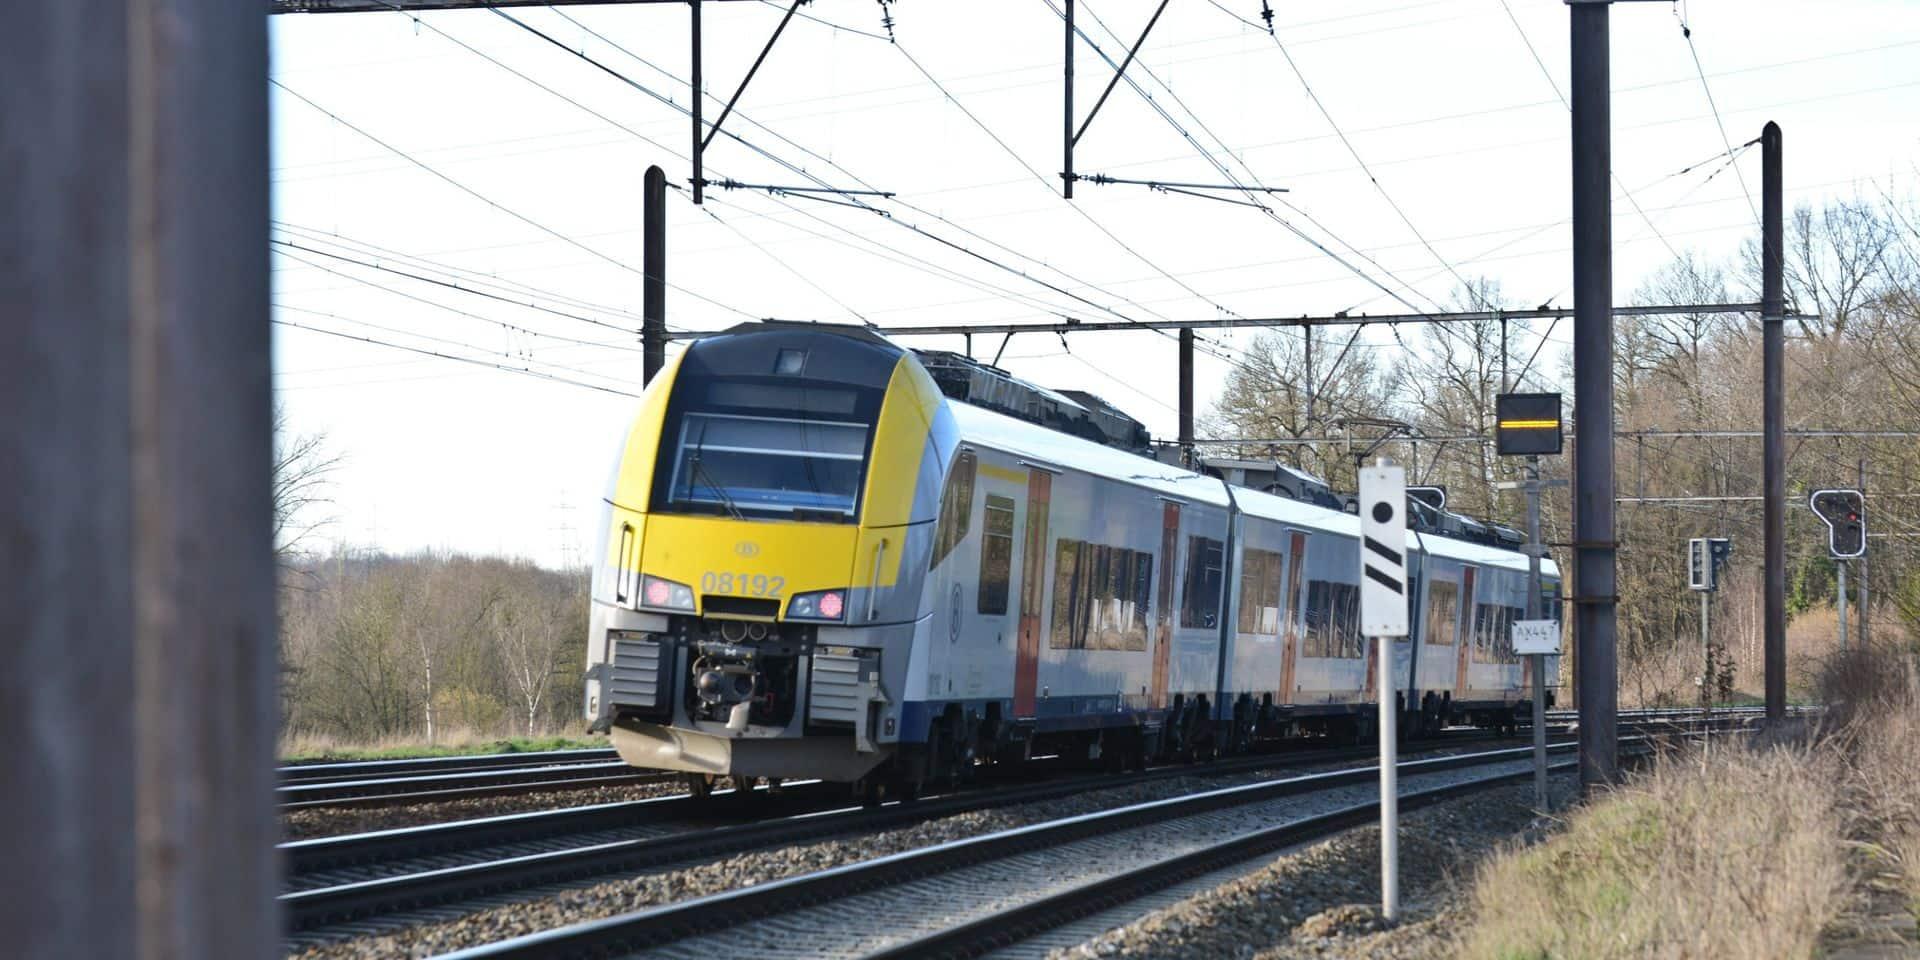 Un homme agresse son ex-compagne au couteau dans un train à Linkebeek: il est activement recherché